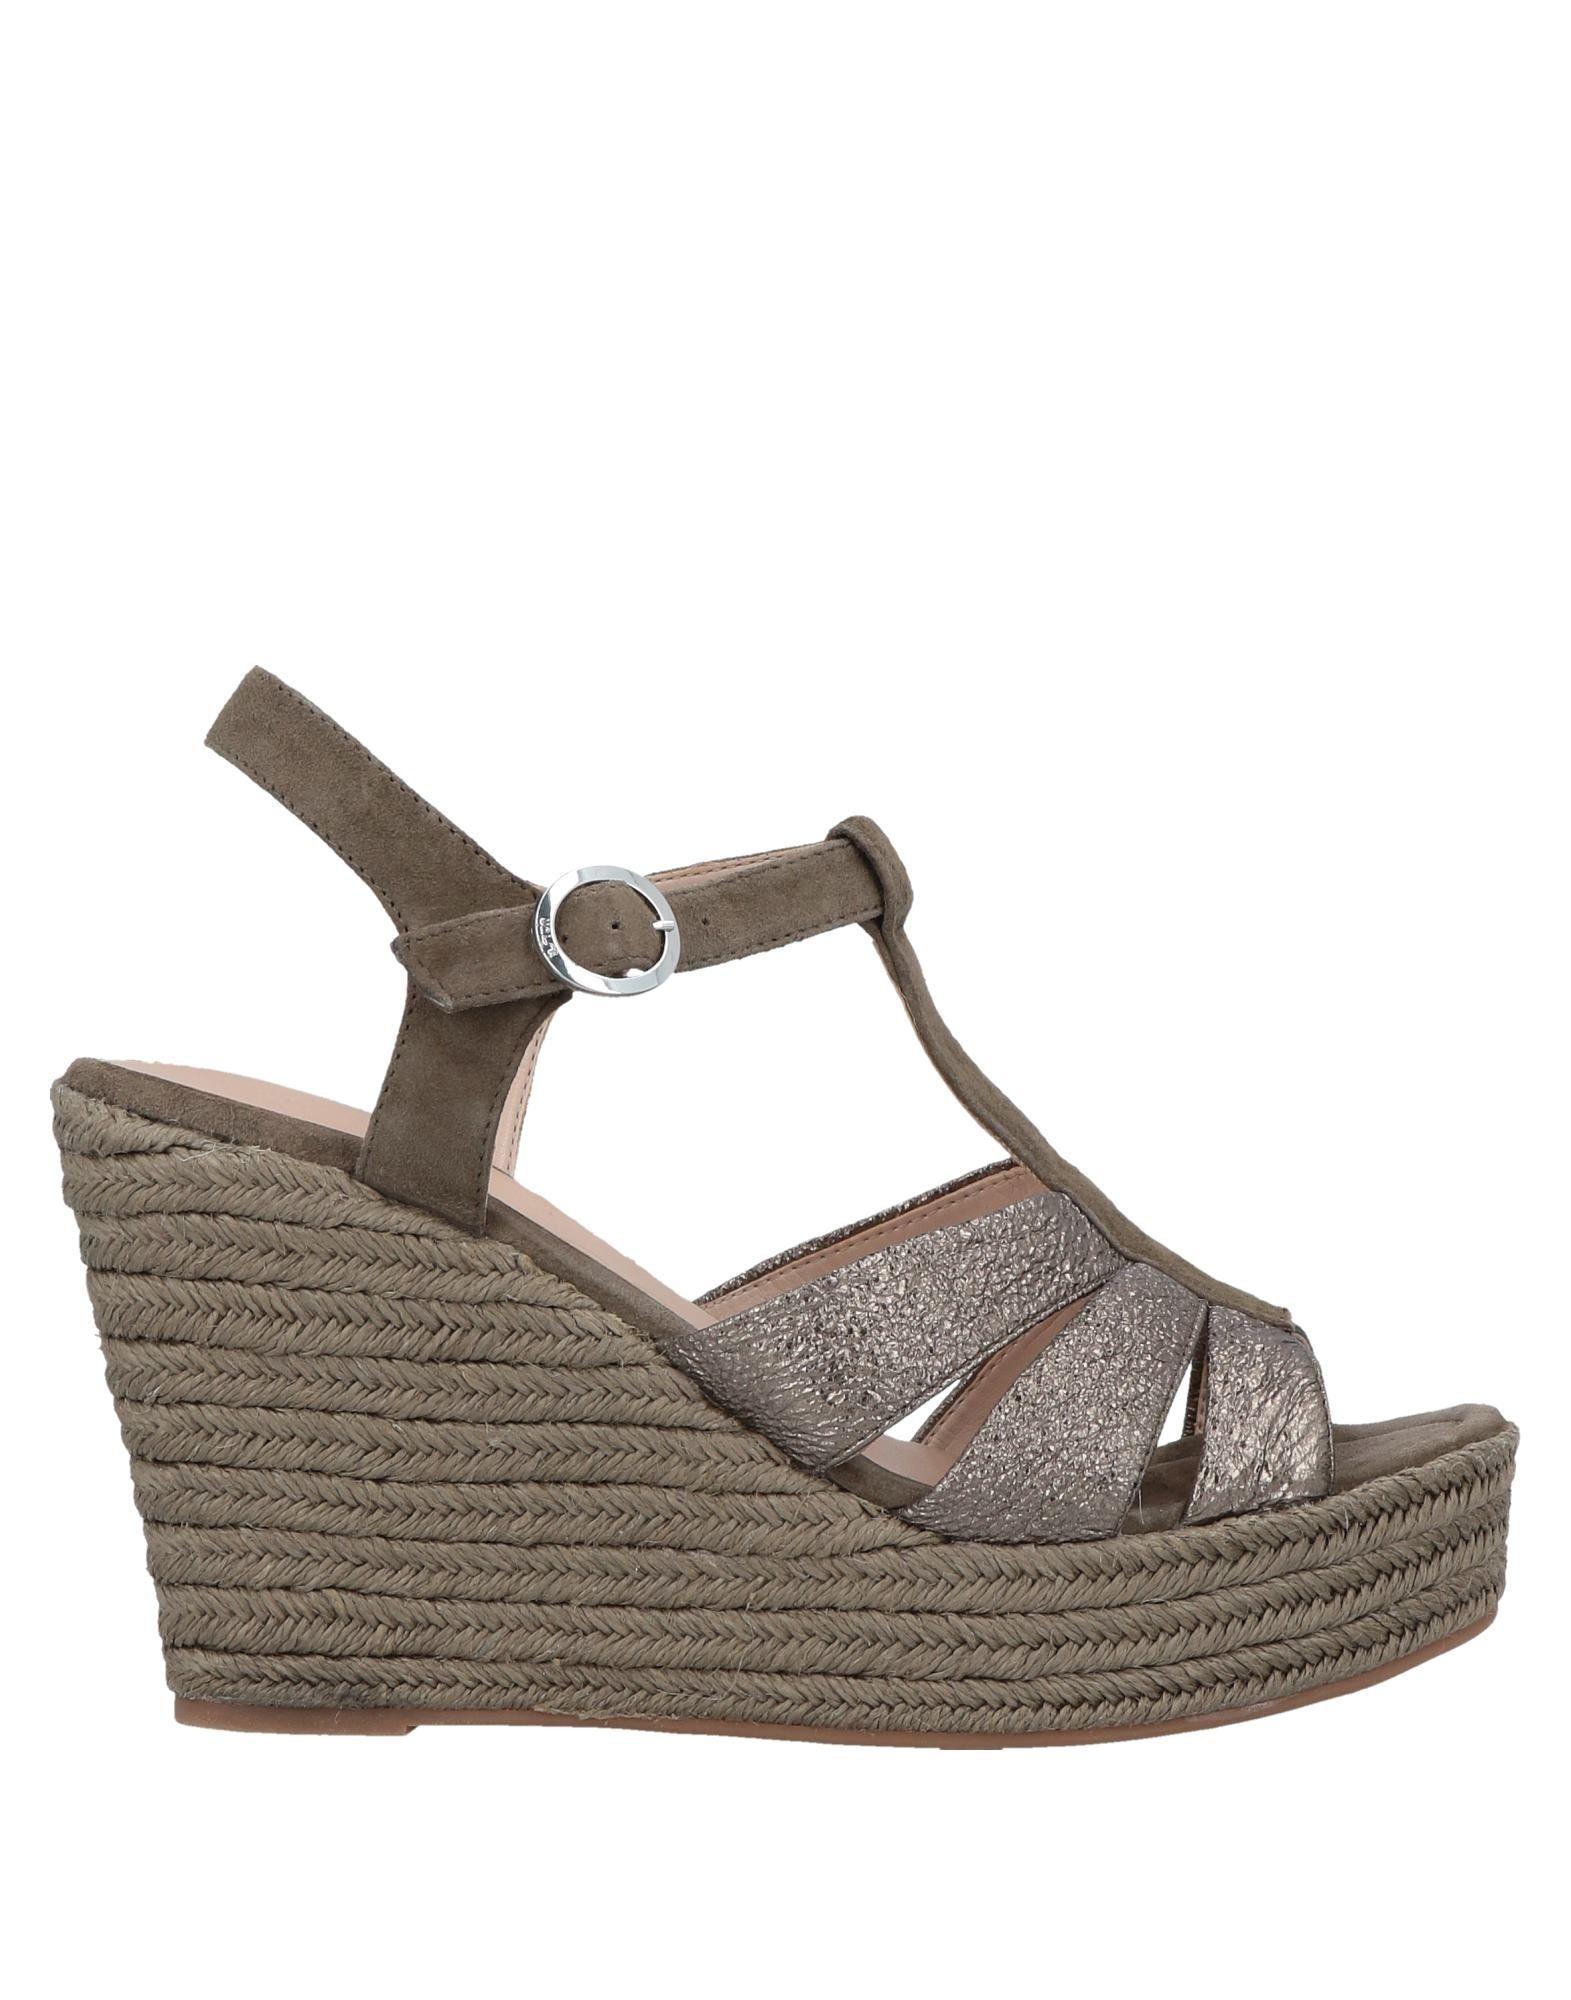 74cbbfa4ac15 Unisa. Women s Sandals